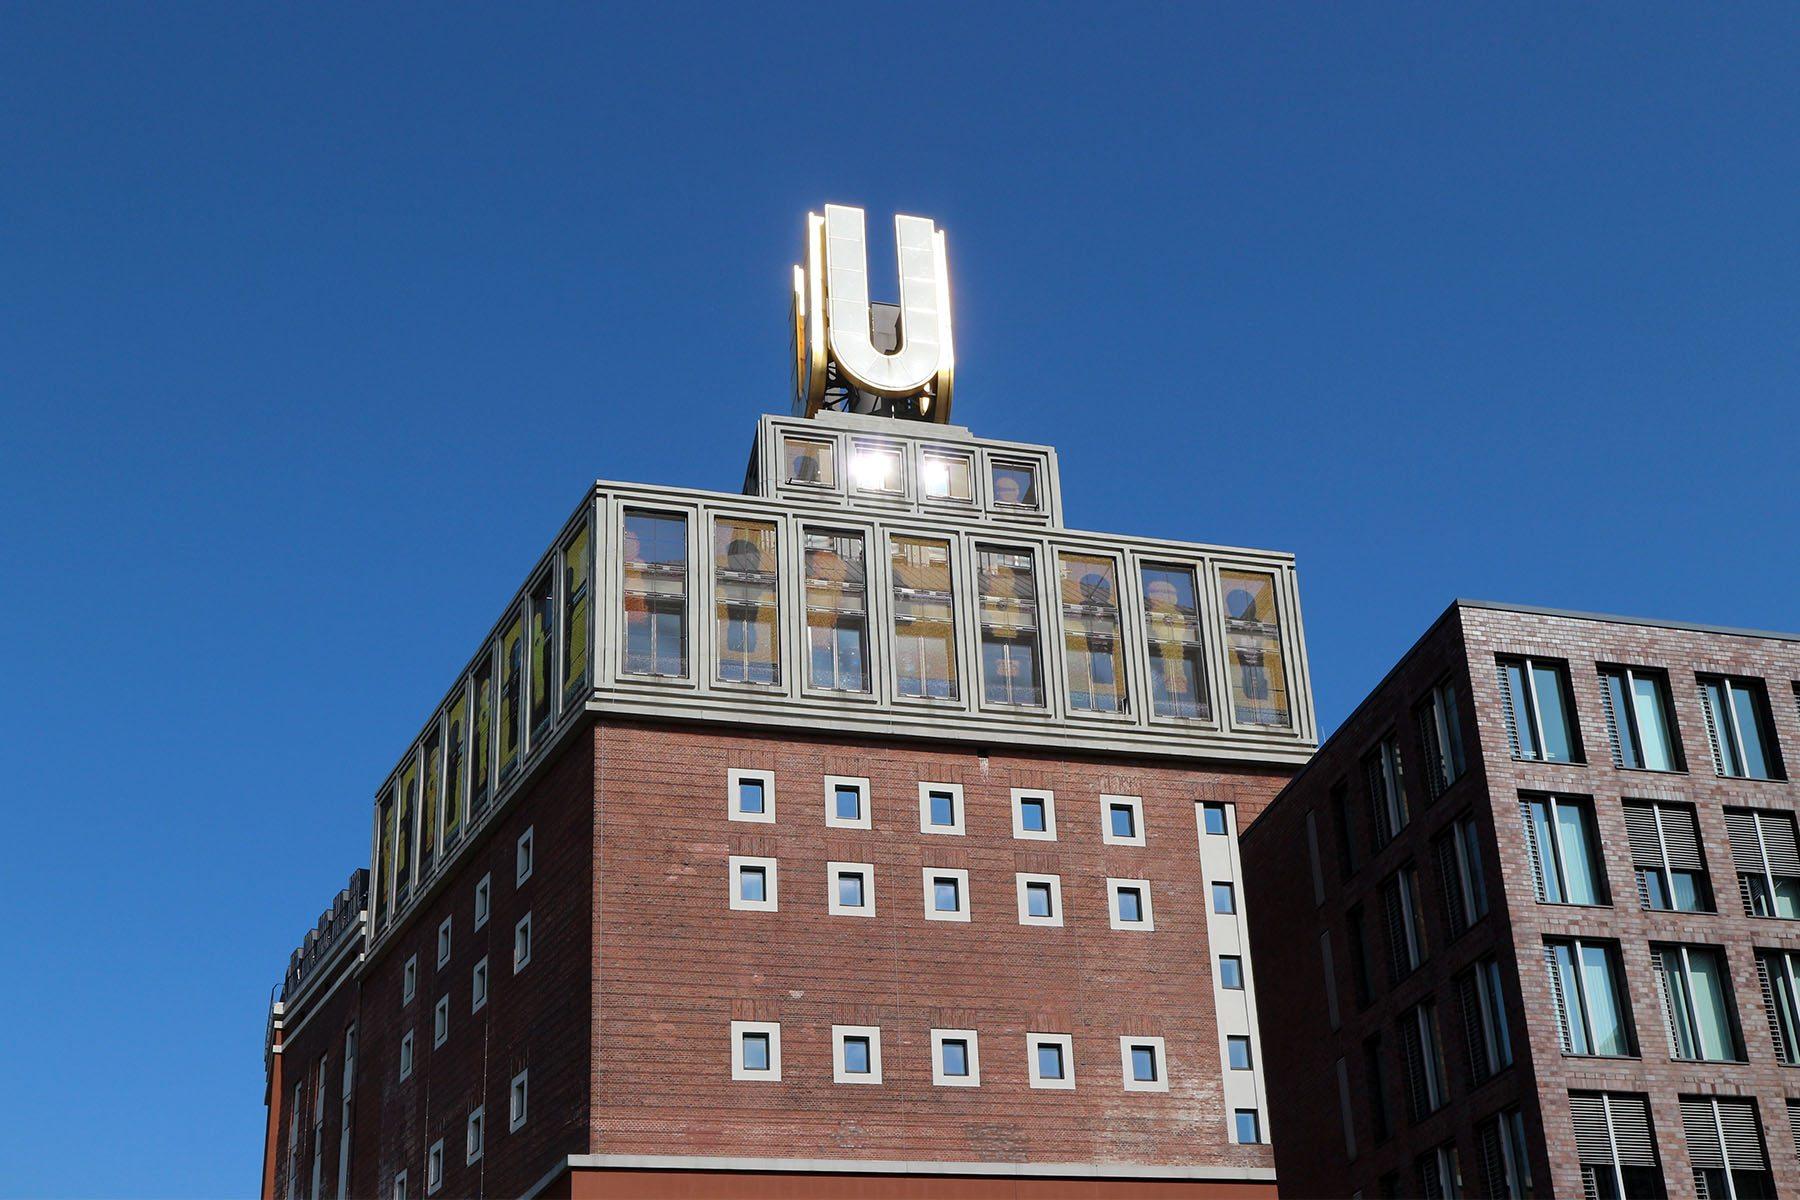 Dortmunder U.  Das neun Meter hohe und beleuchtete U wurde von Ernst Neufert entworfen.